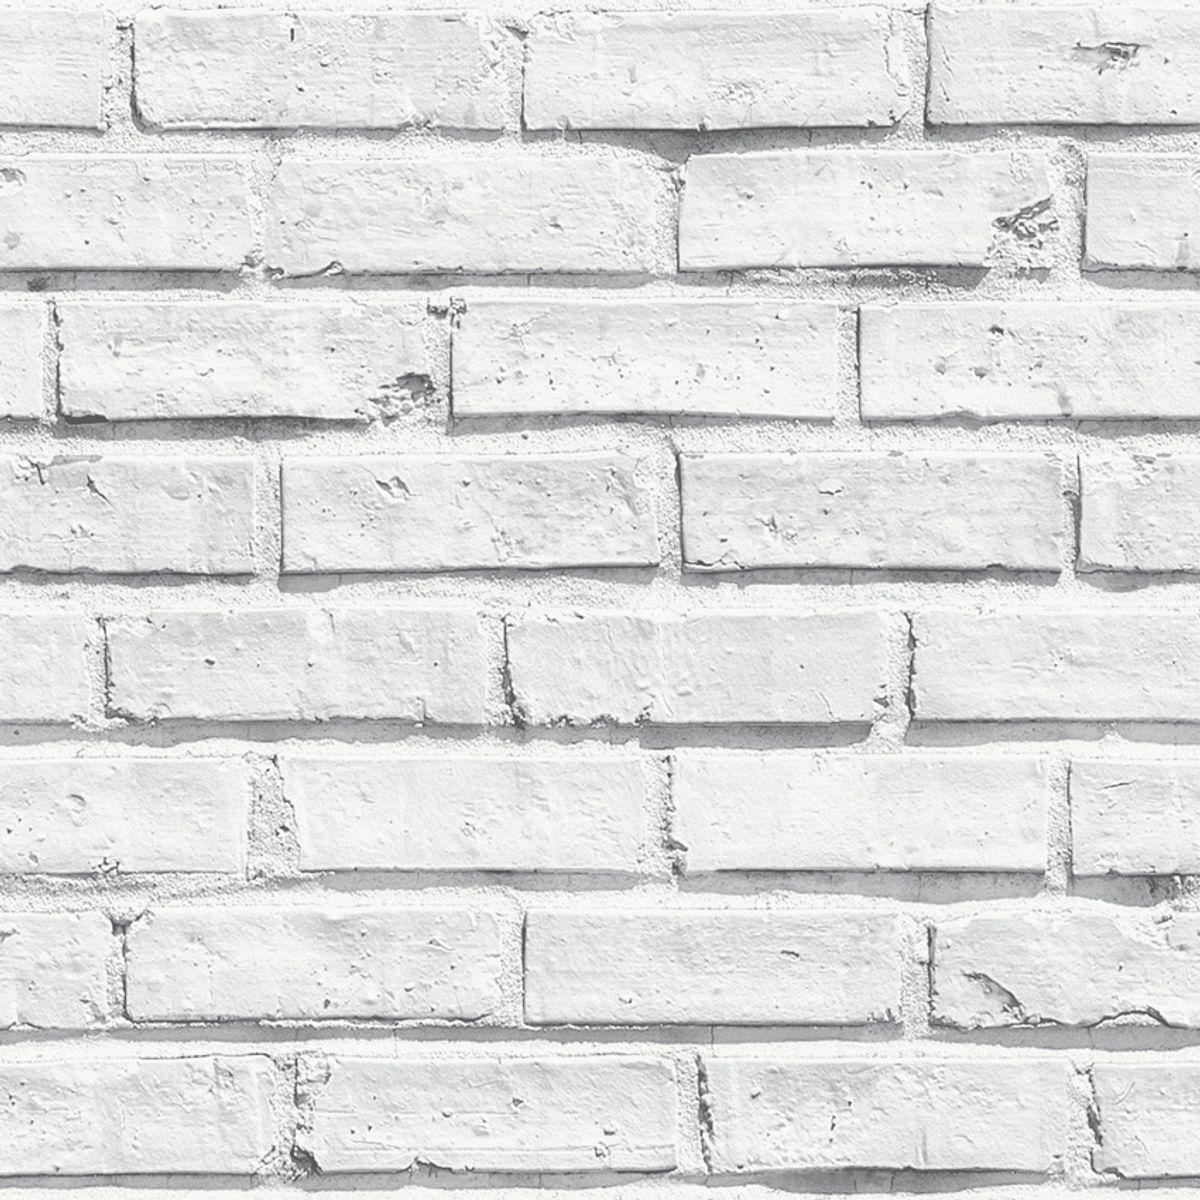 Papier peint brique blanc Lanebrick duplex